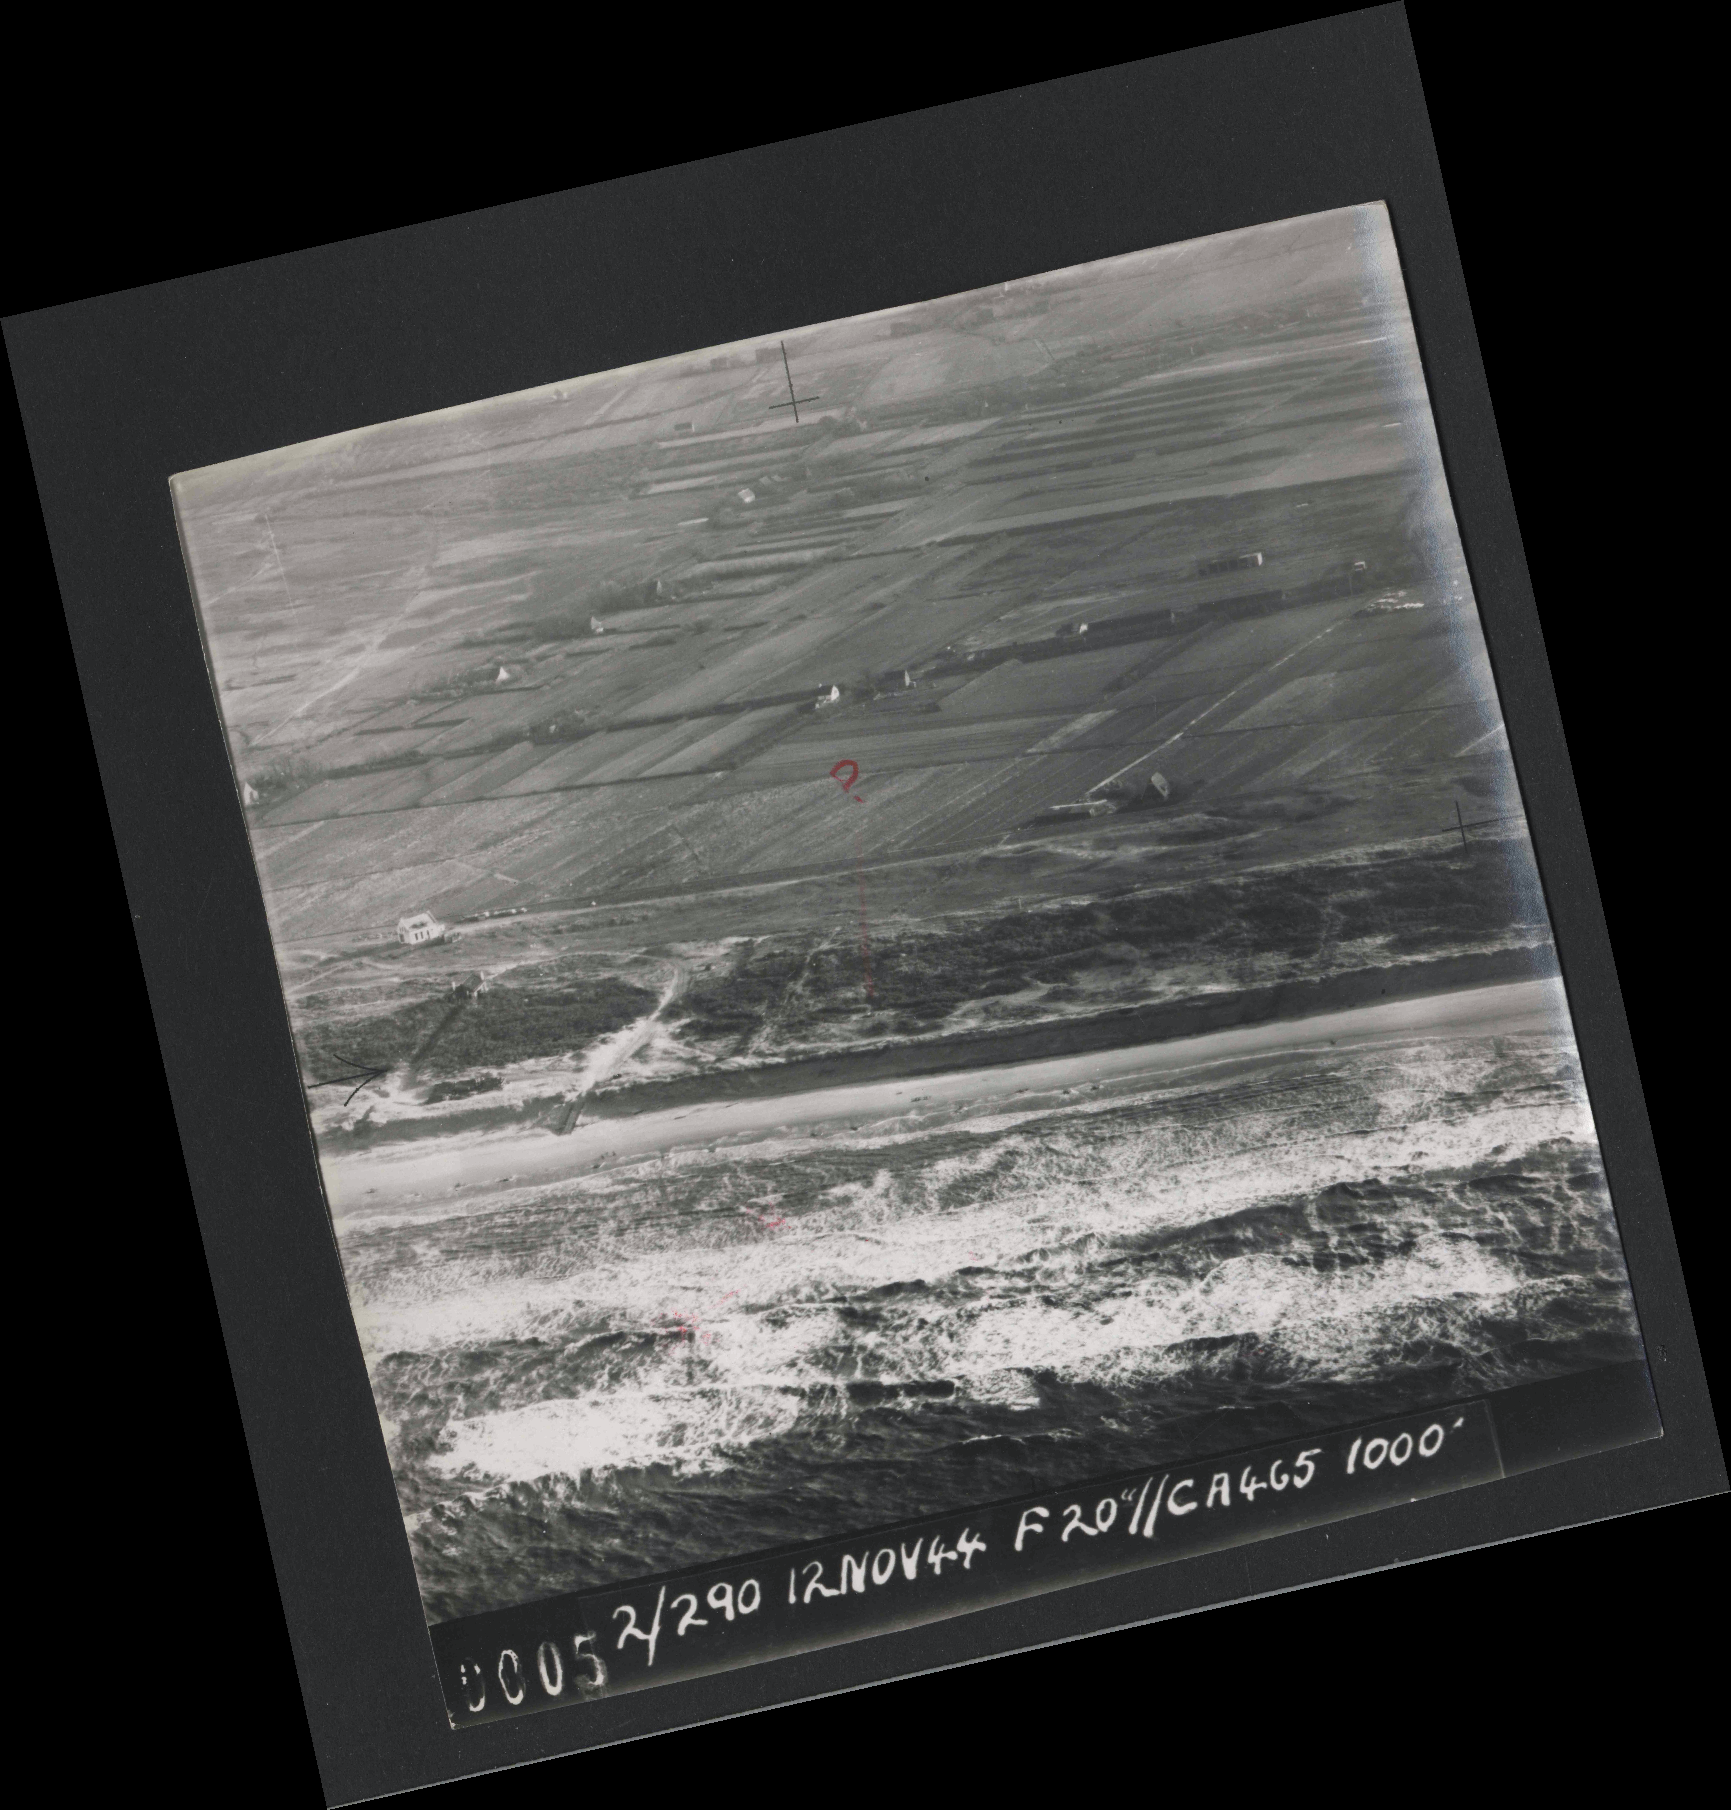 Collection RAF aerial photos 1940-1945 - flight 554, run 01, photo 0005